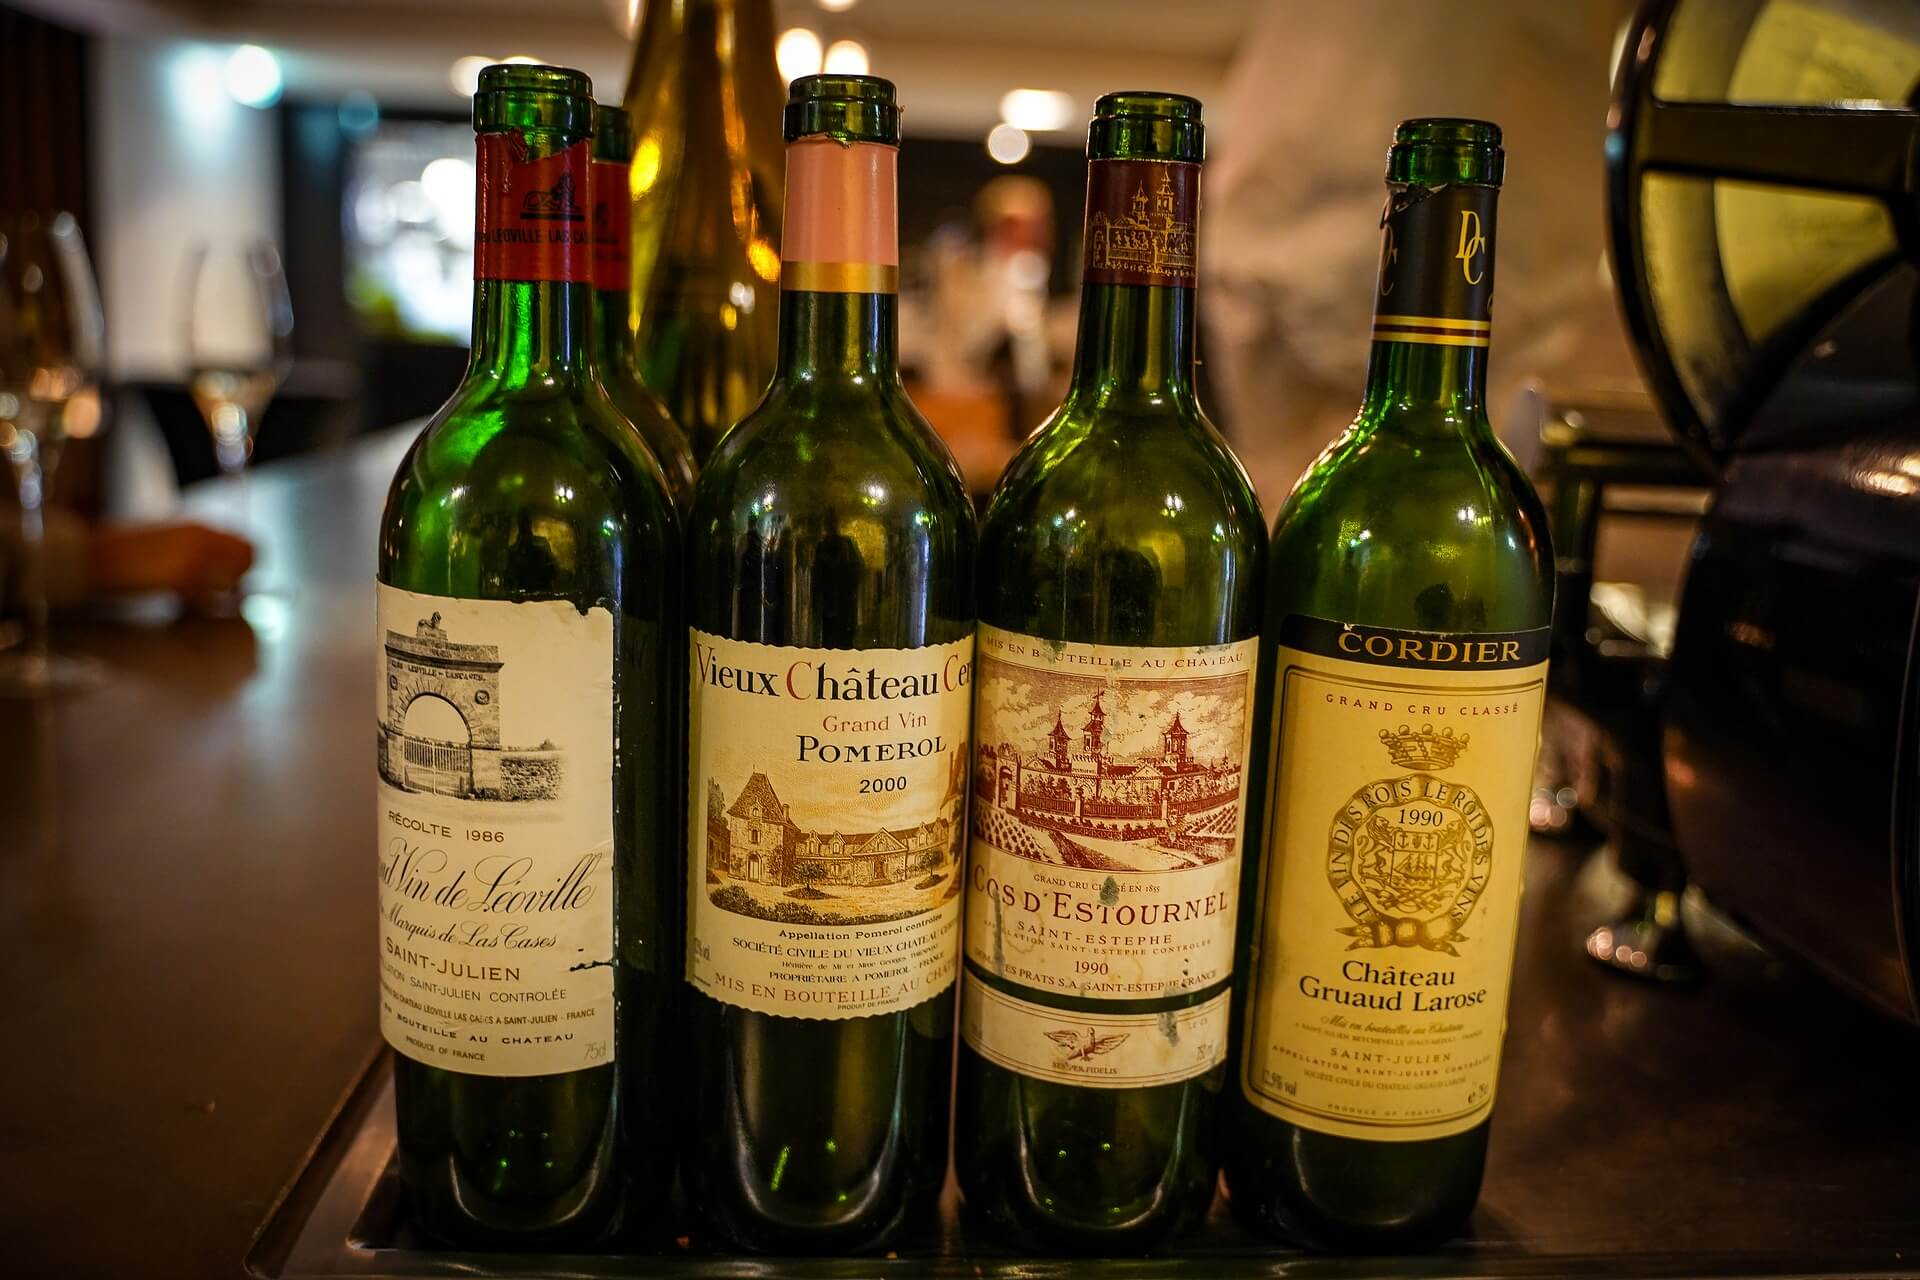 Comment lire et déchiffrer l'étiquette d'une bouteille de vin ?